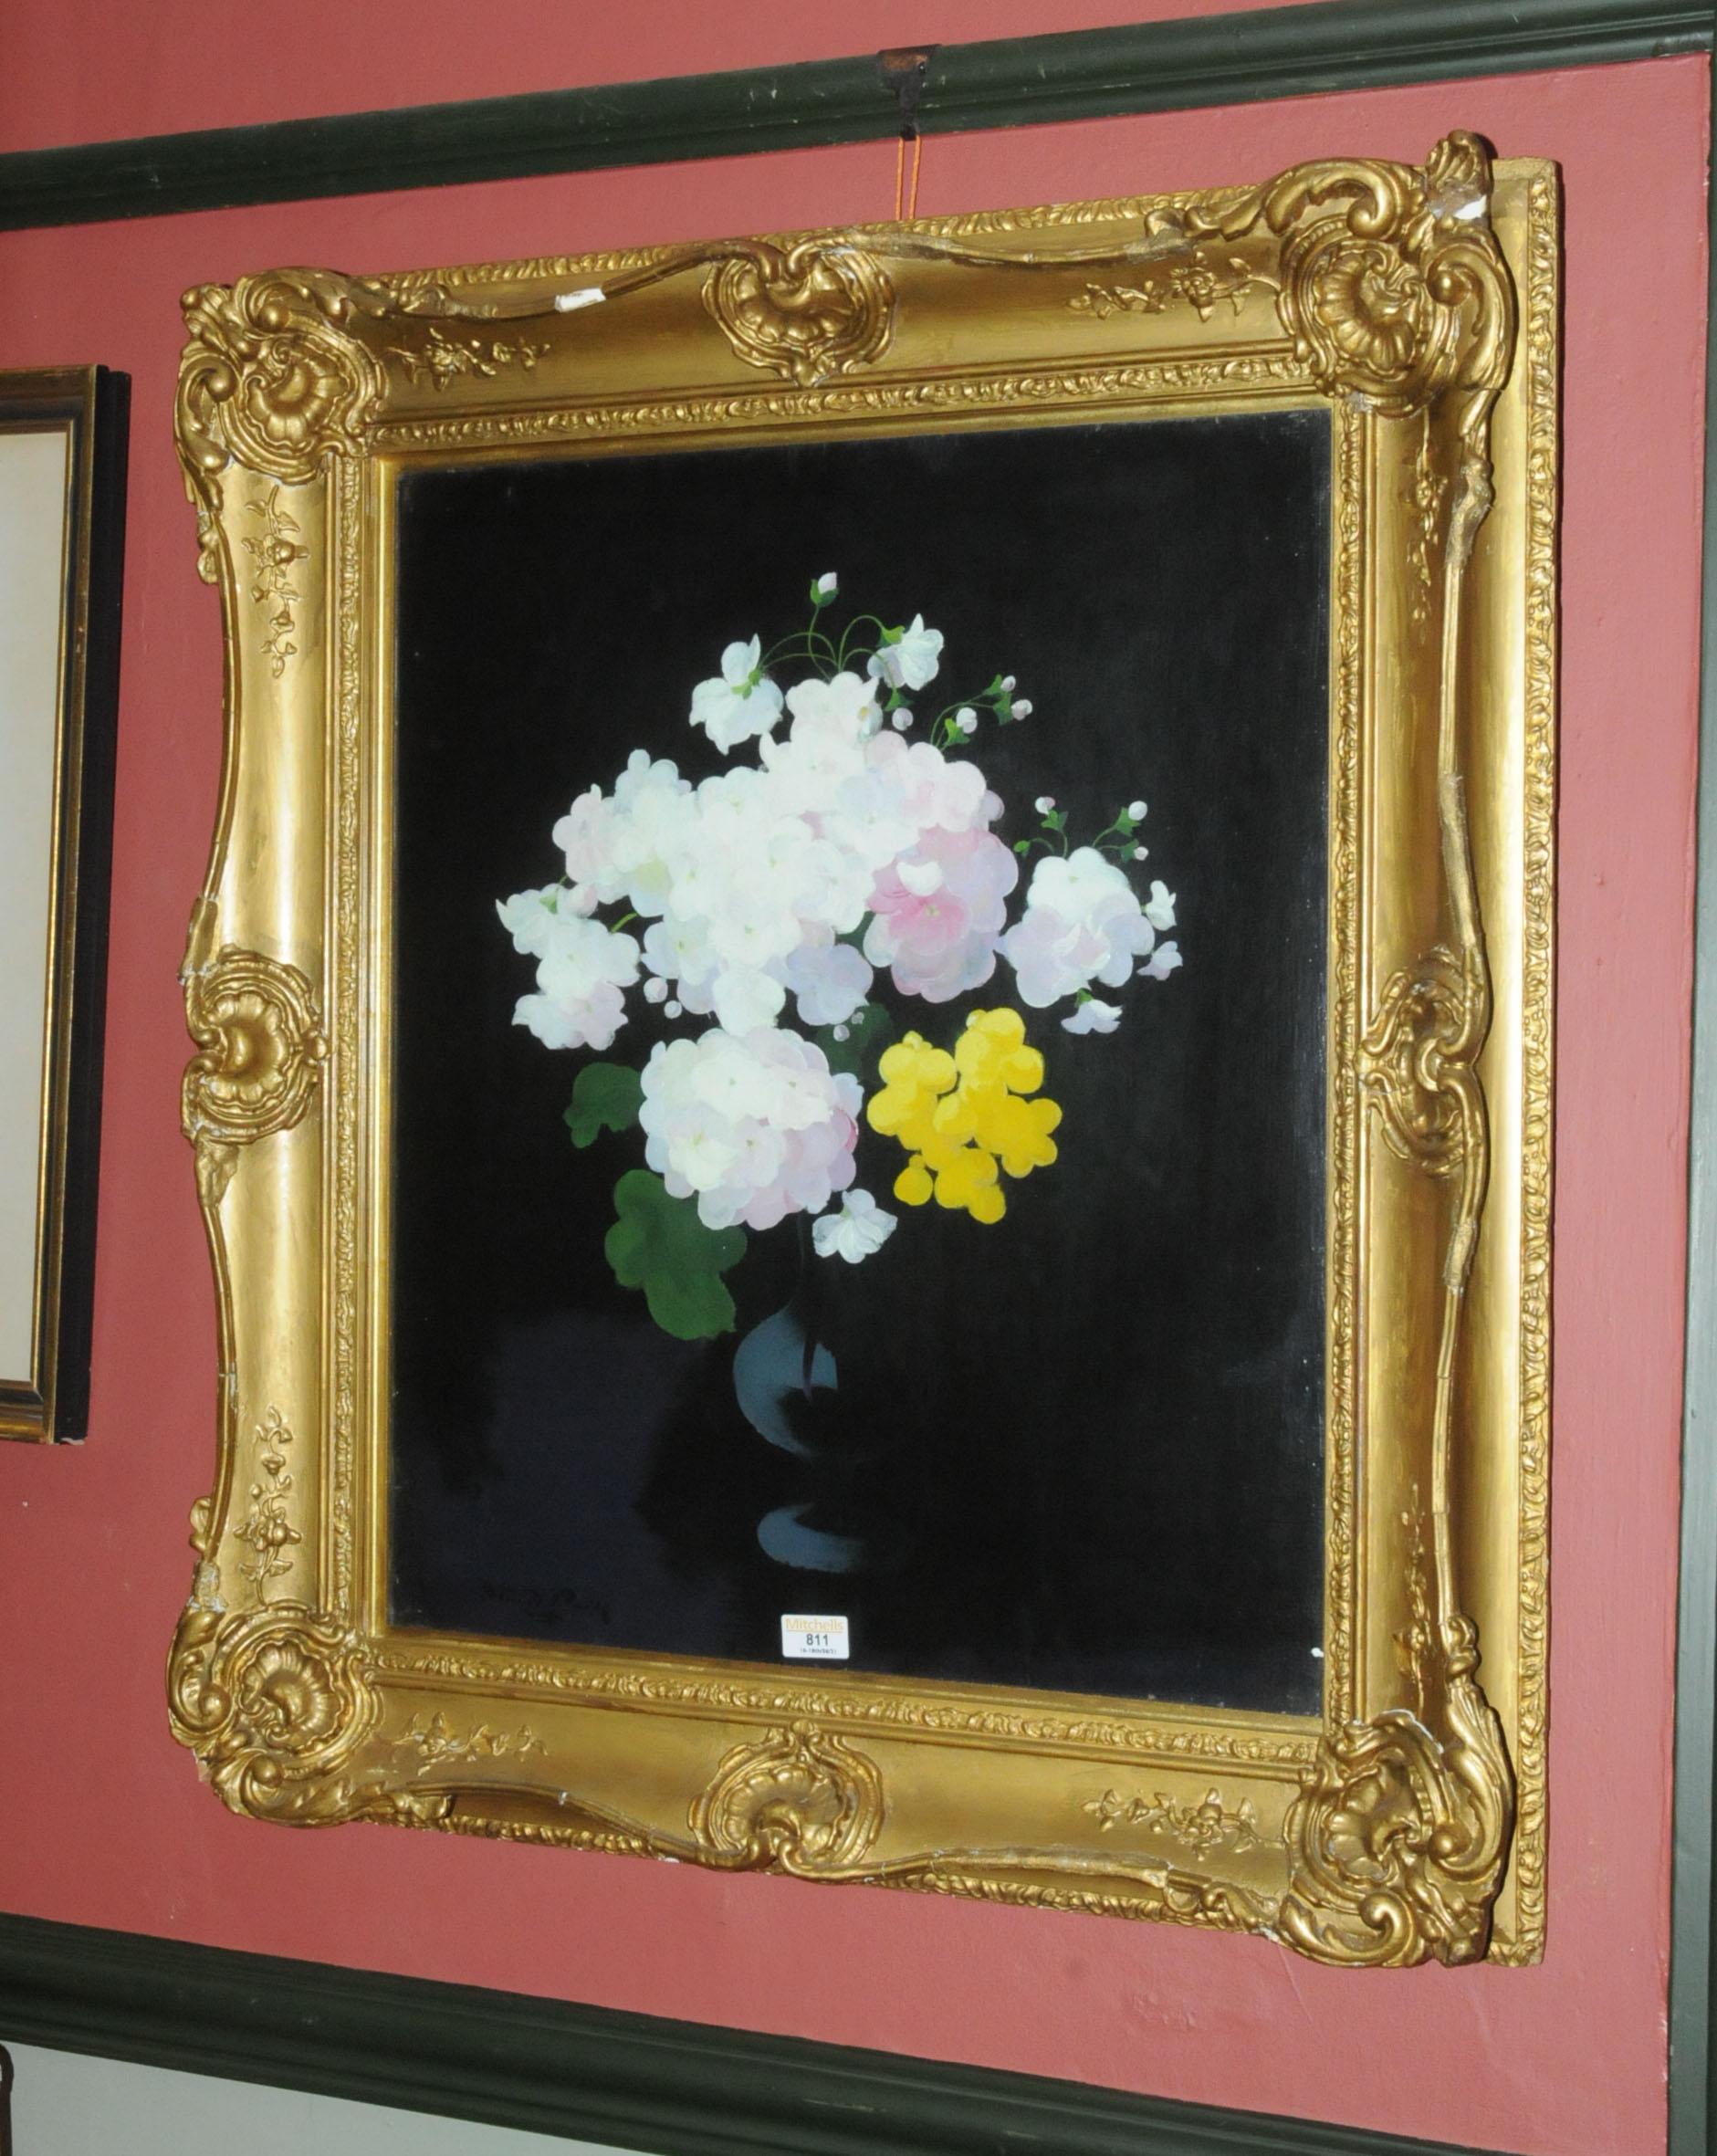 James Stuart Park (1862-1933) oil on board, still life flowers in vase, 60 cm x 49 cm, framed, - Image 3 of 7